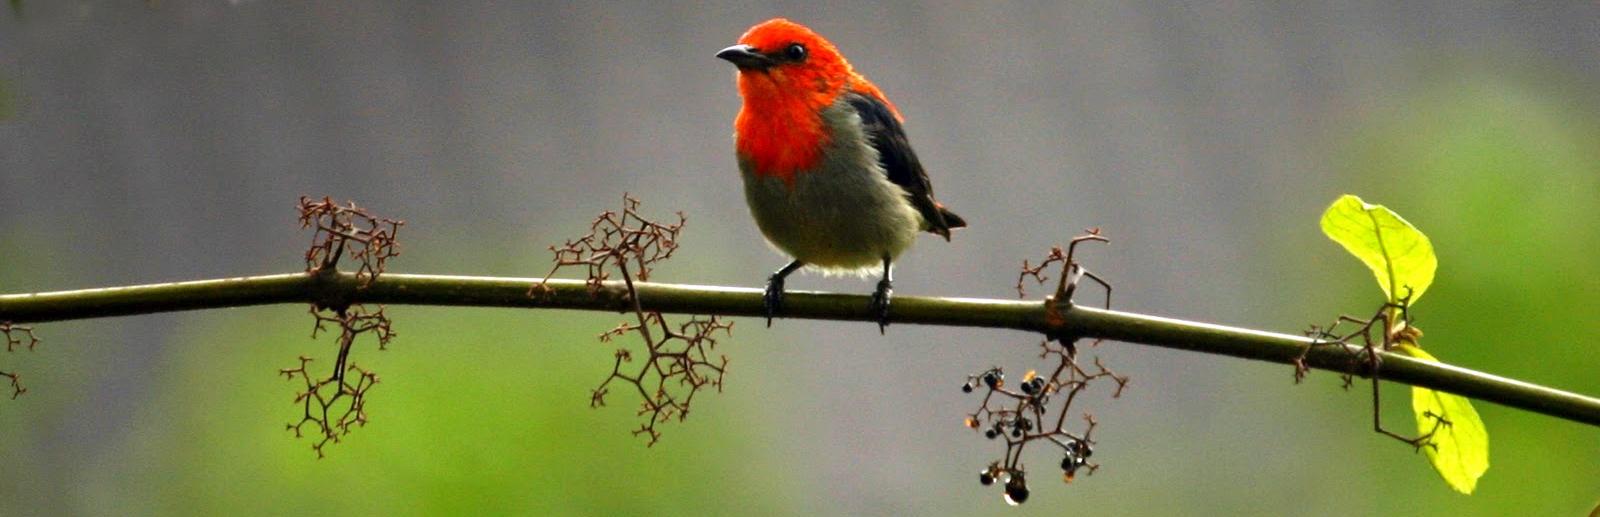 suara burung talokan kepala merah